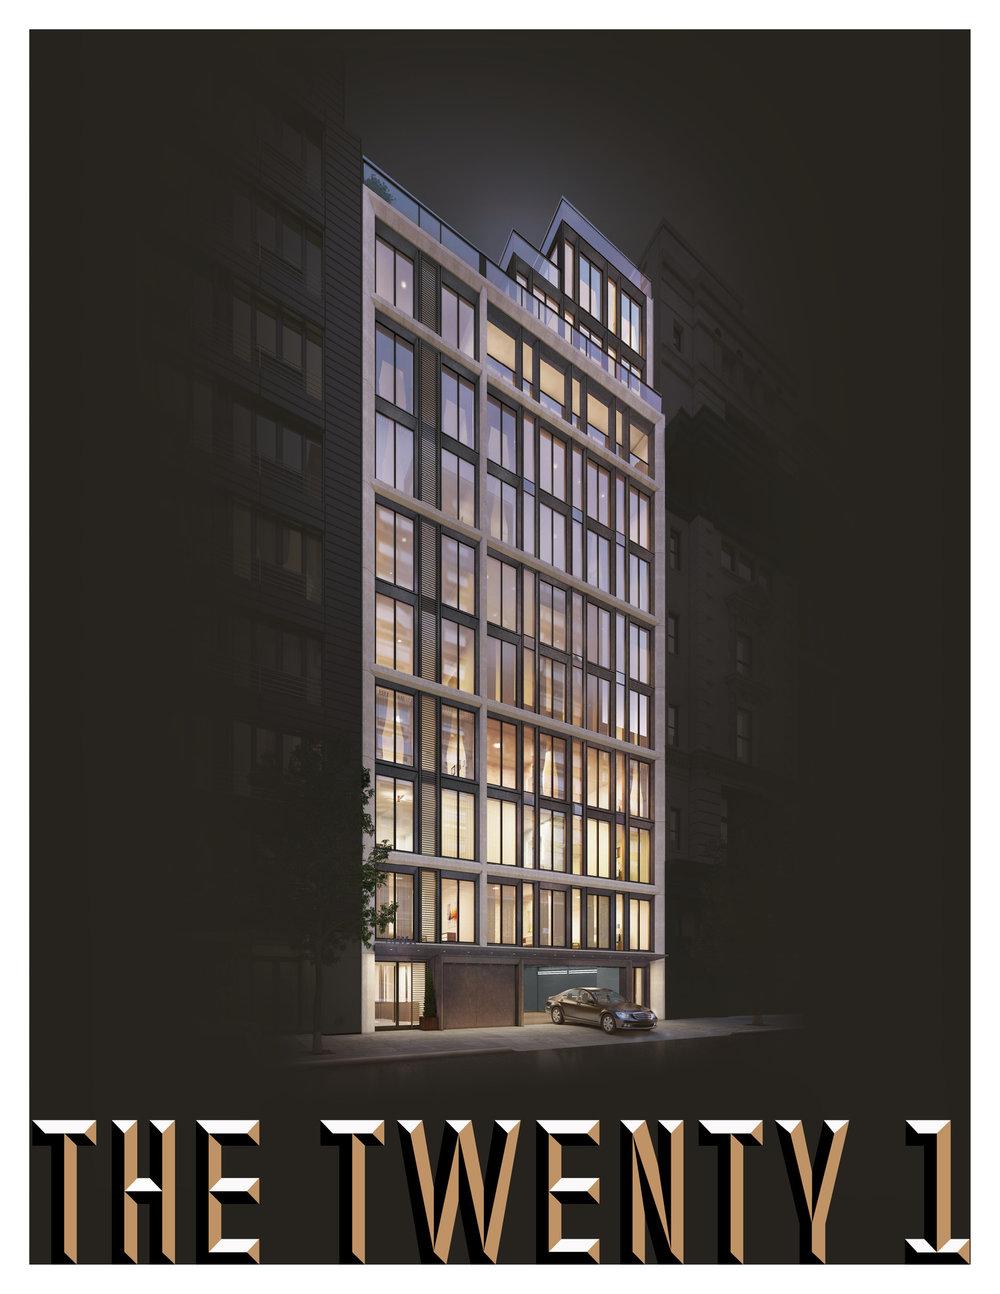 facade-image.jpeg